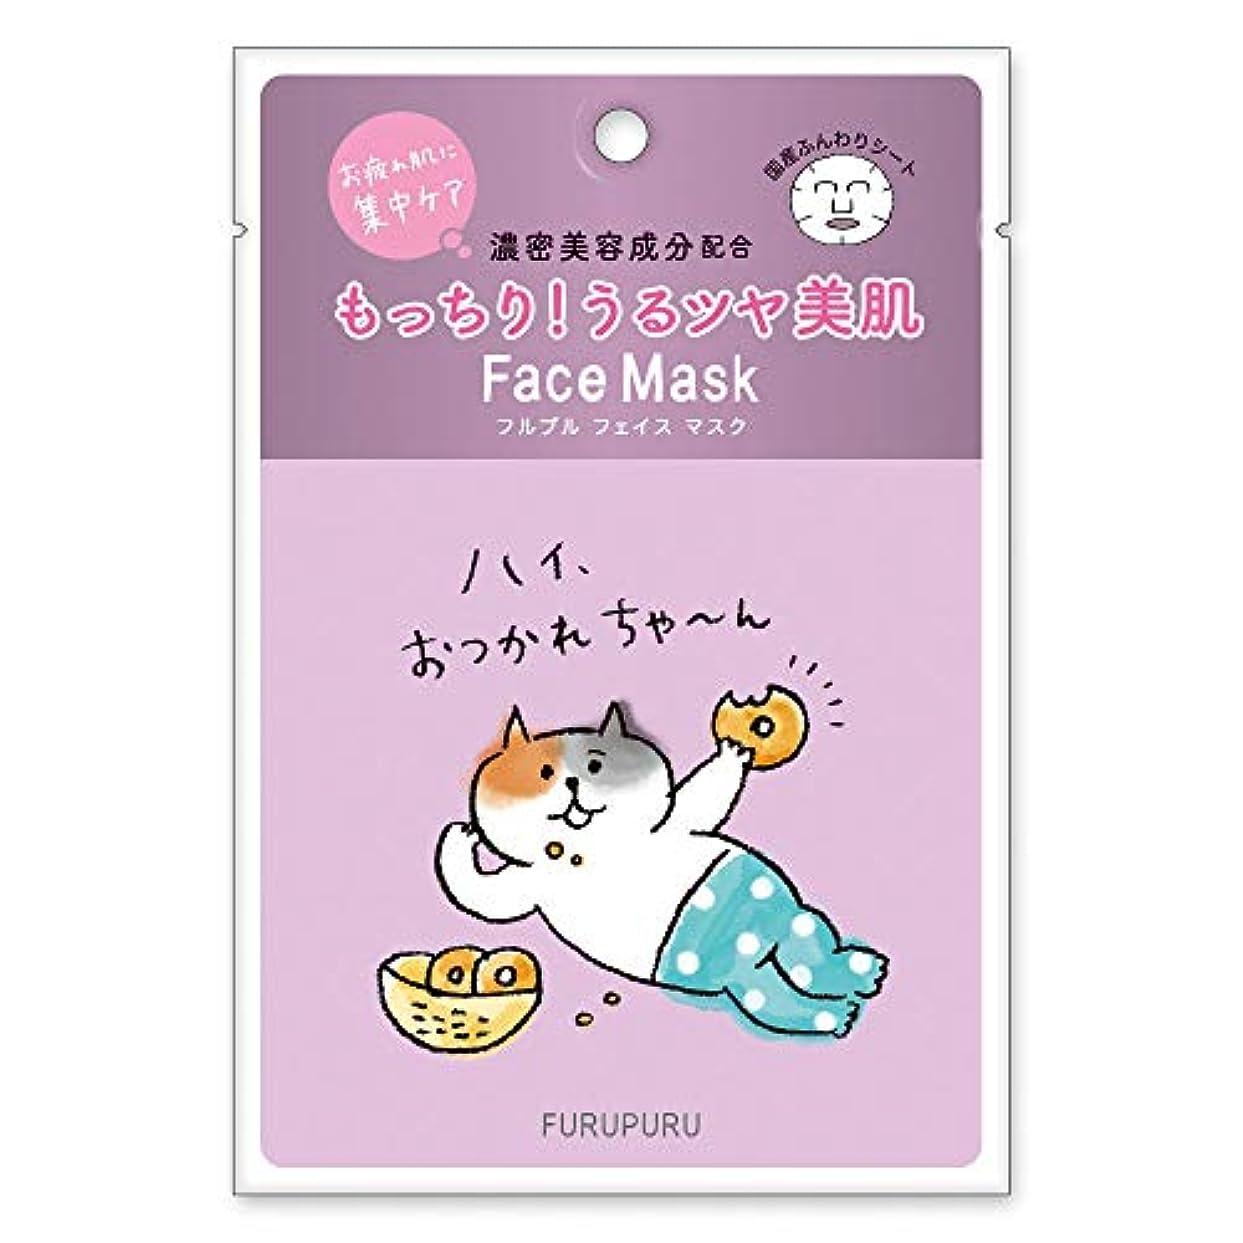 凍る定期的な母性フルプルフェイスマスク ごろごろにゃんすけ おつかれちゃん やさしく香る天然ローズの香り 30g